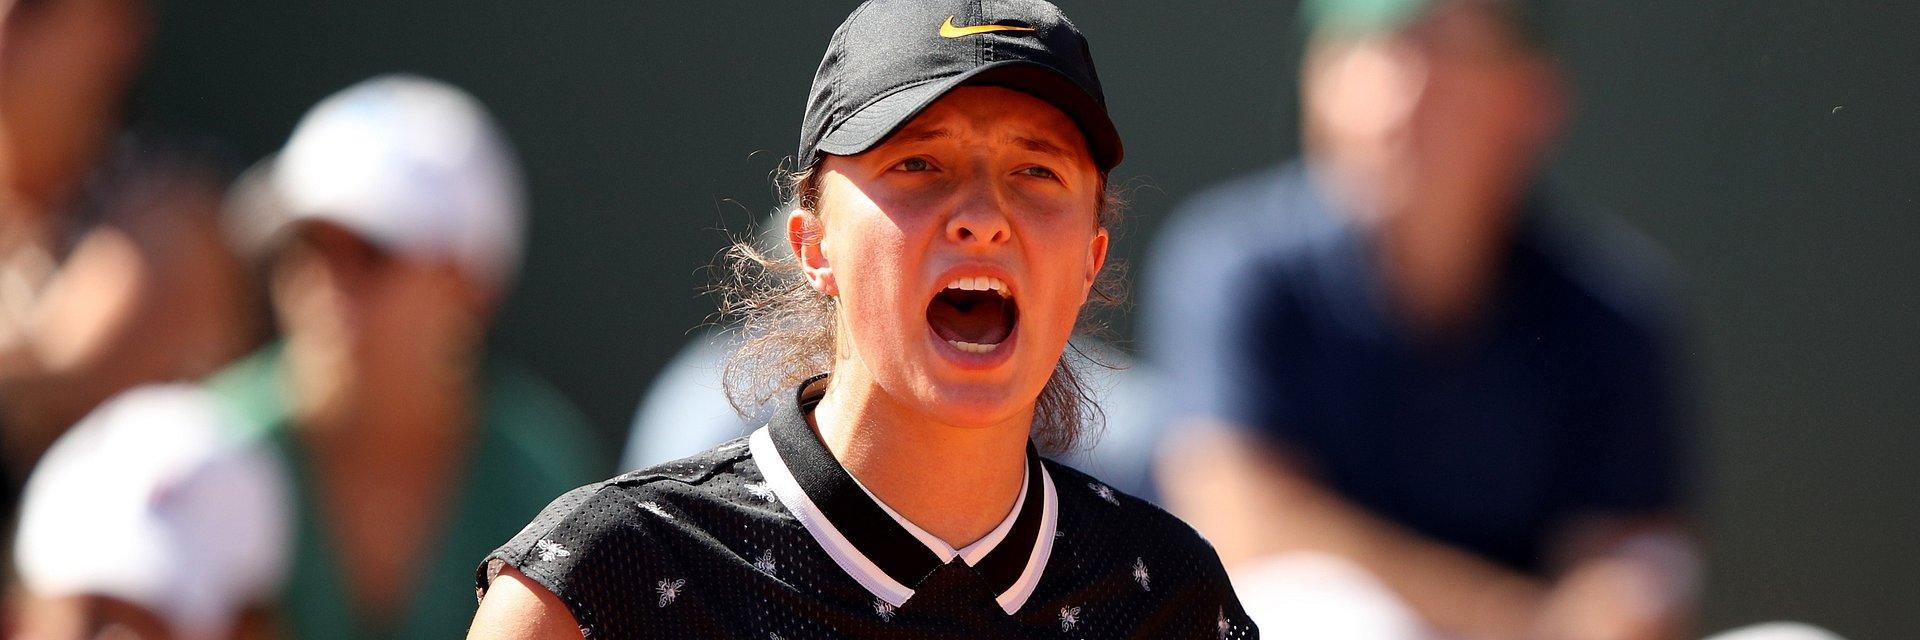 Mecz Igi Świątek o ćwierćfinał Roland-Garros na żywo tylko w Eurosporcie 1